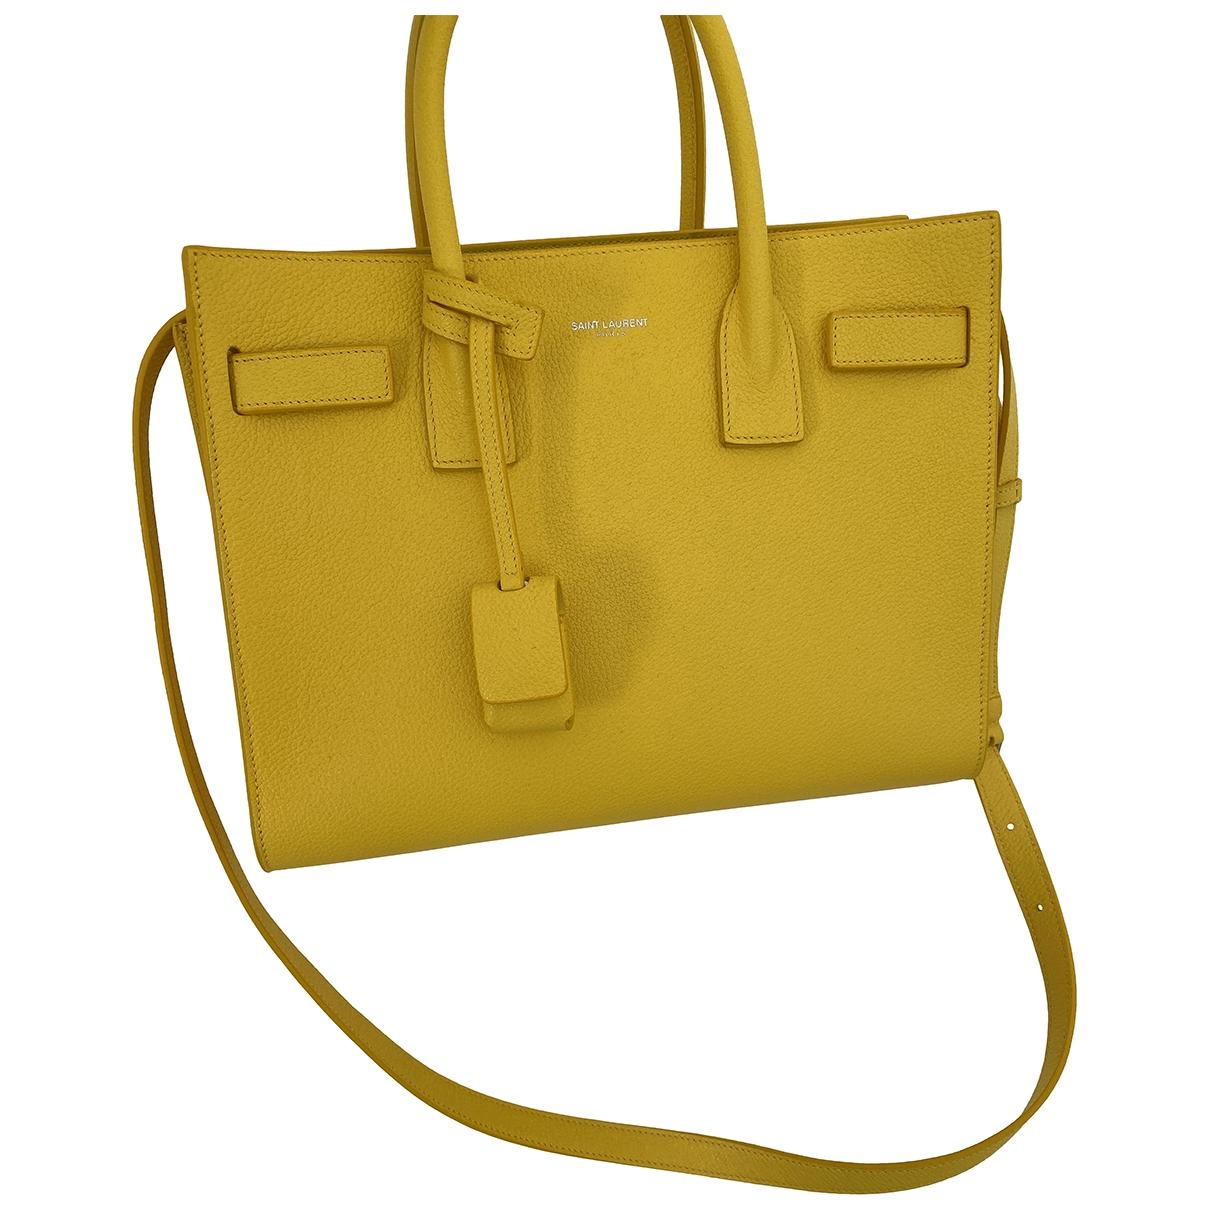 Saint Laurent Sac de Jour Handtasche in  Gelb Leder